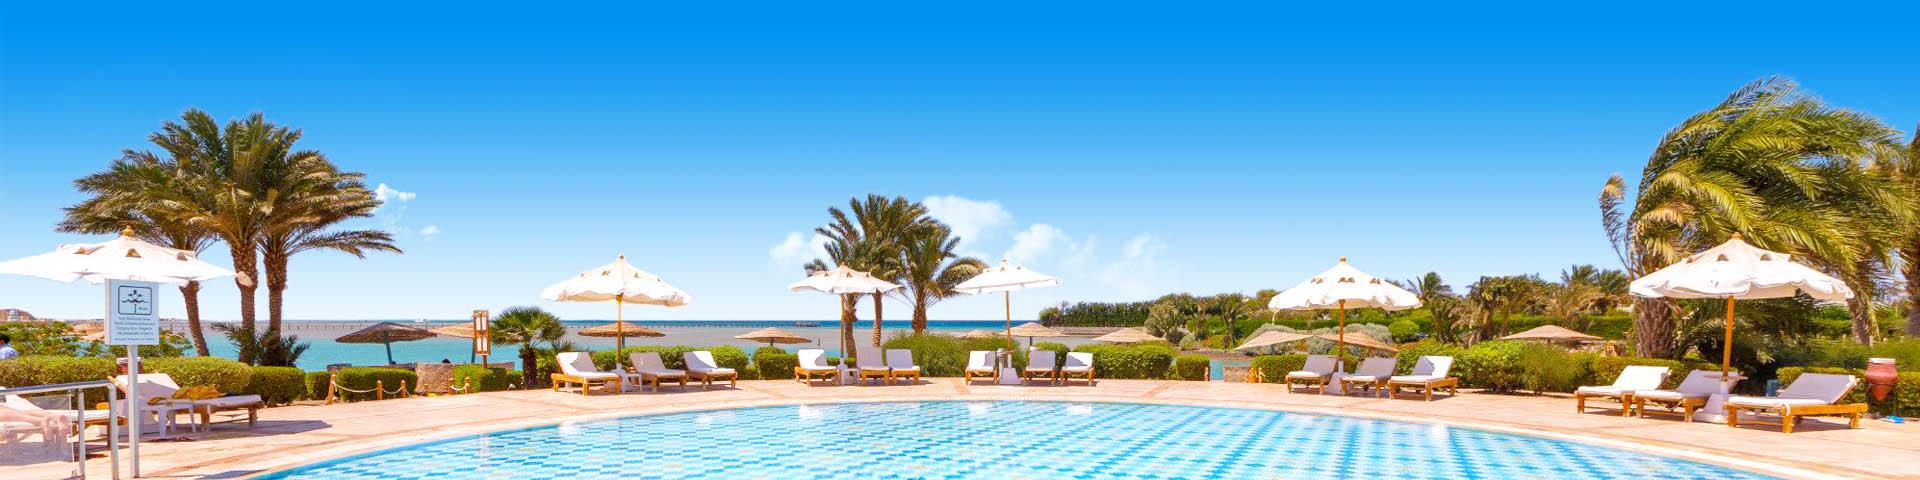 Zwembad met bedjes en palmbomen in Sunny Beach